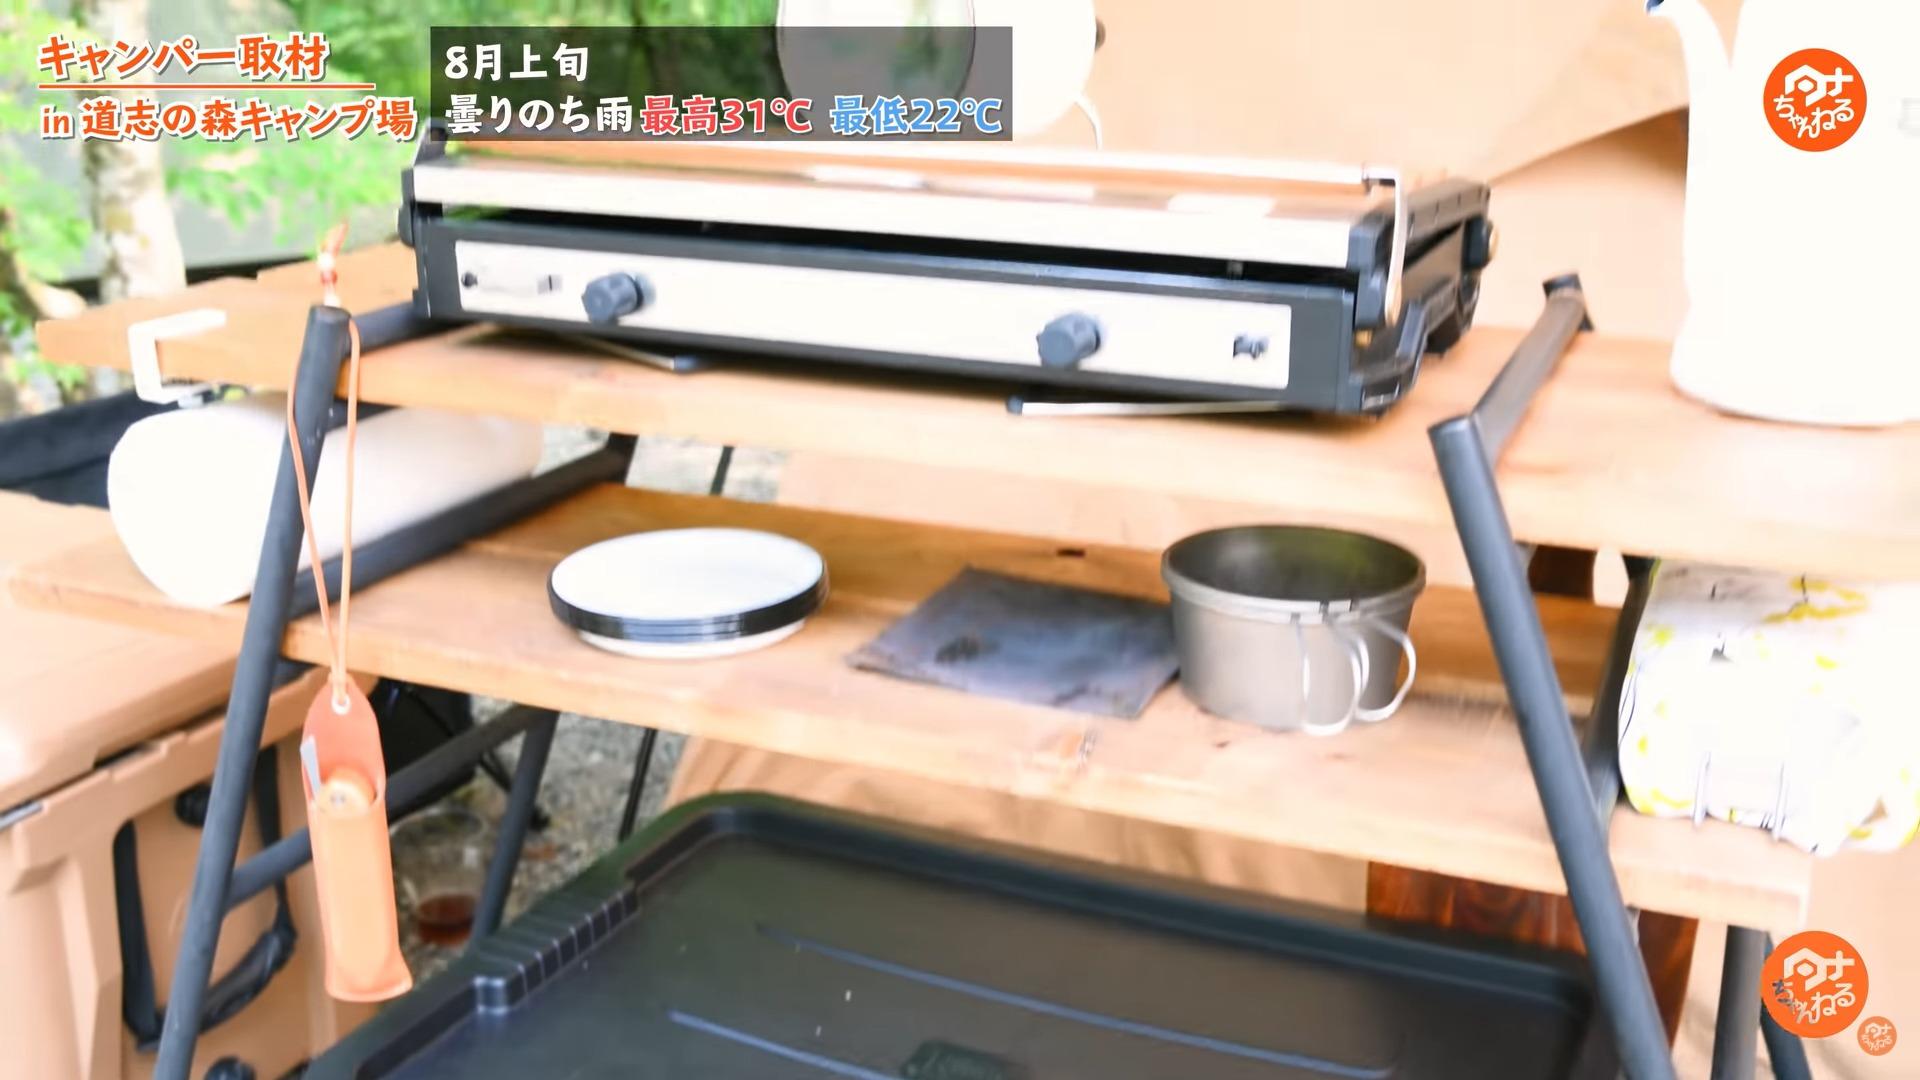 テーブル:【DOD】 テキーラキッチンレッグ